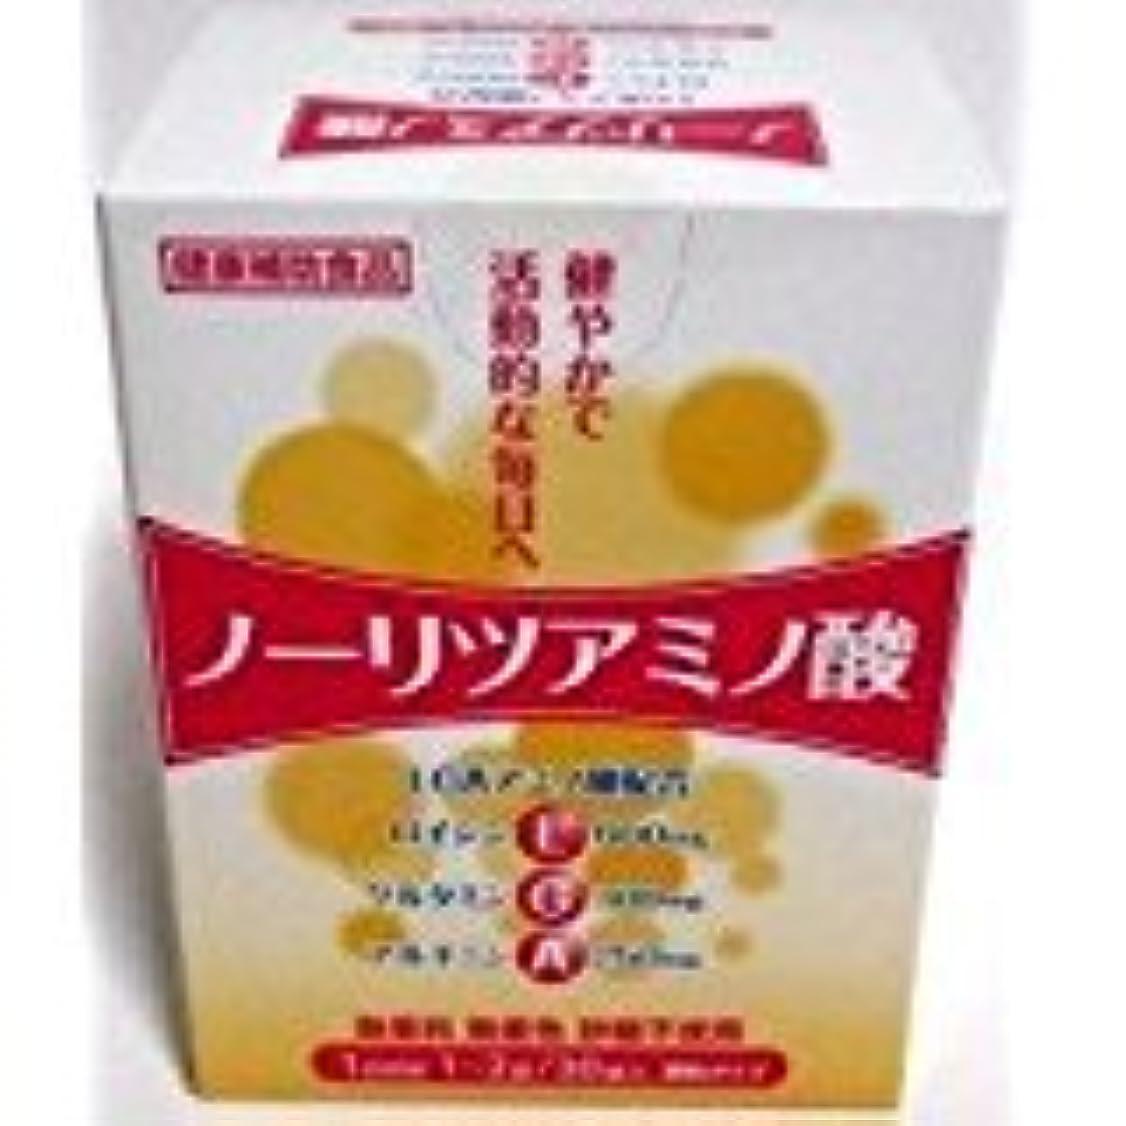 実現可能性アンビエントジョージハンブリーノーリツアミノ酸(30袋入)